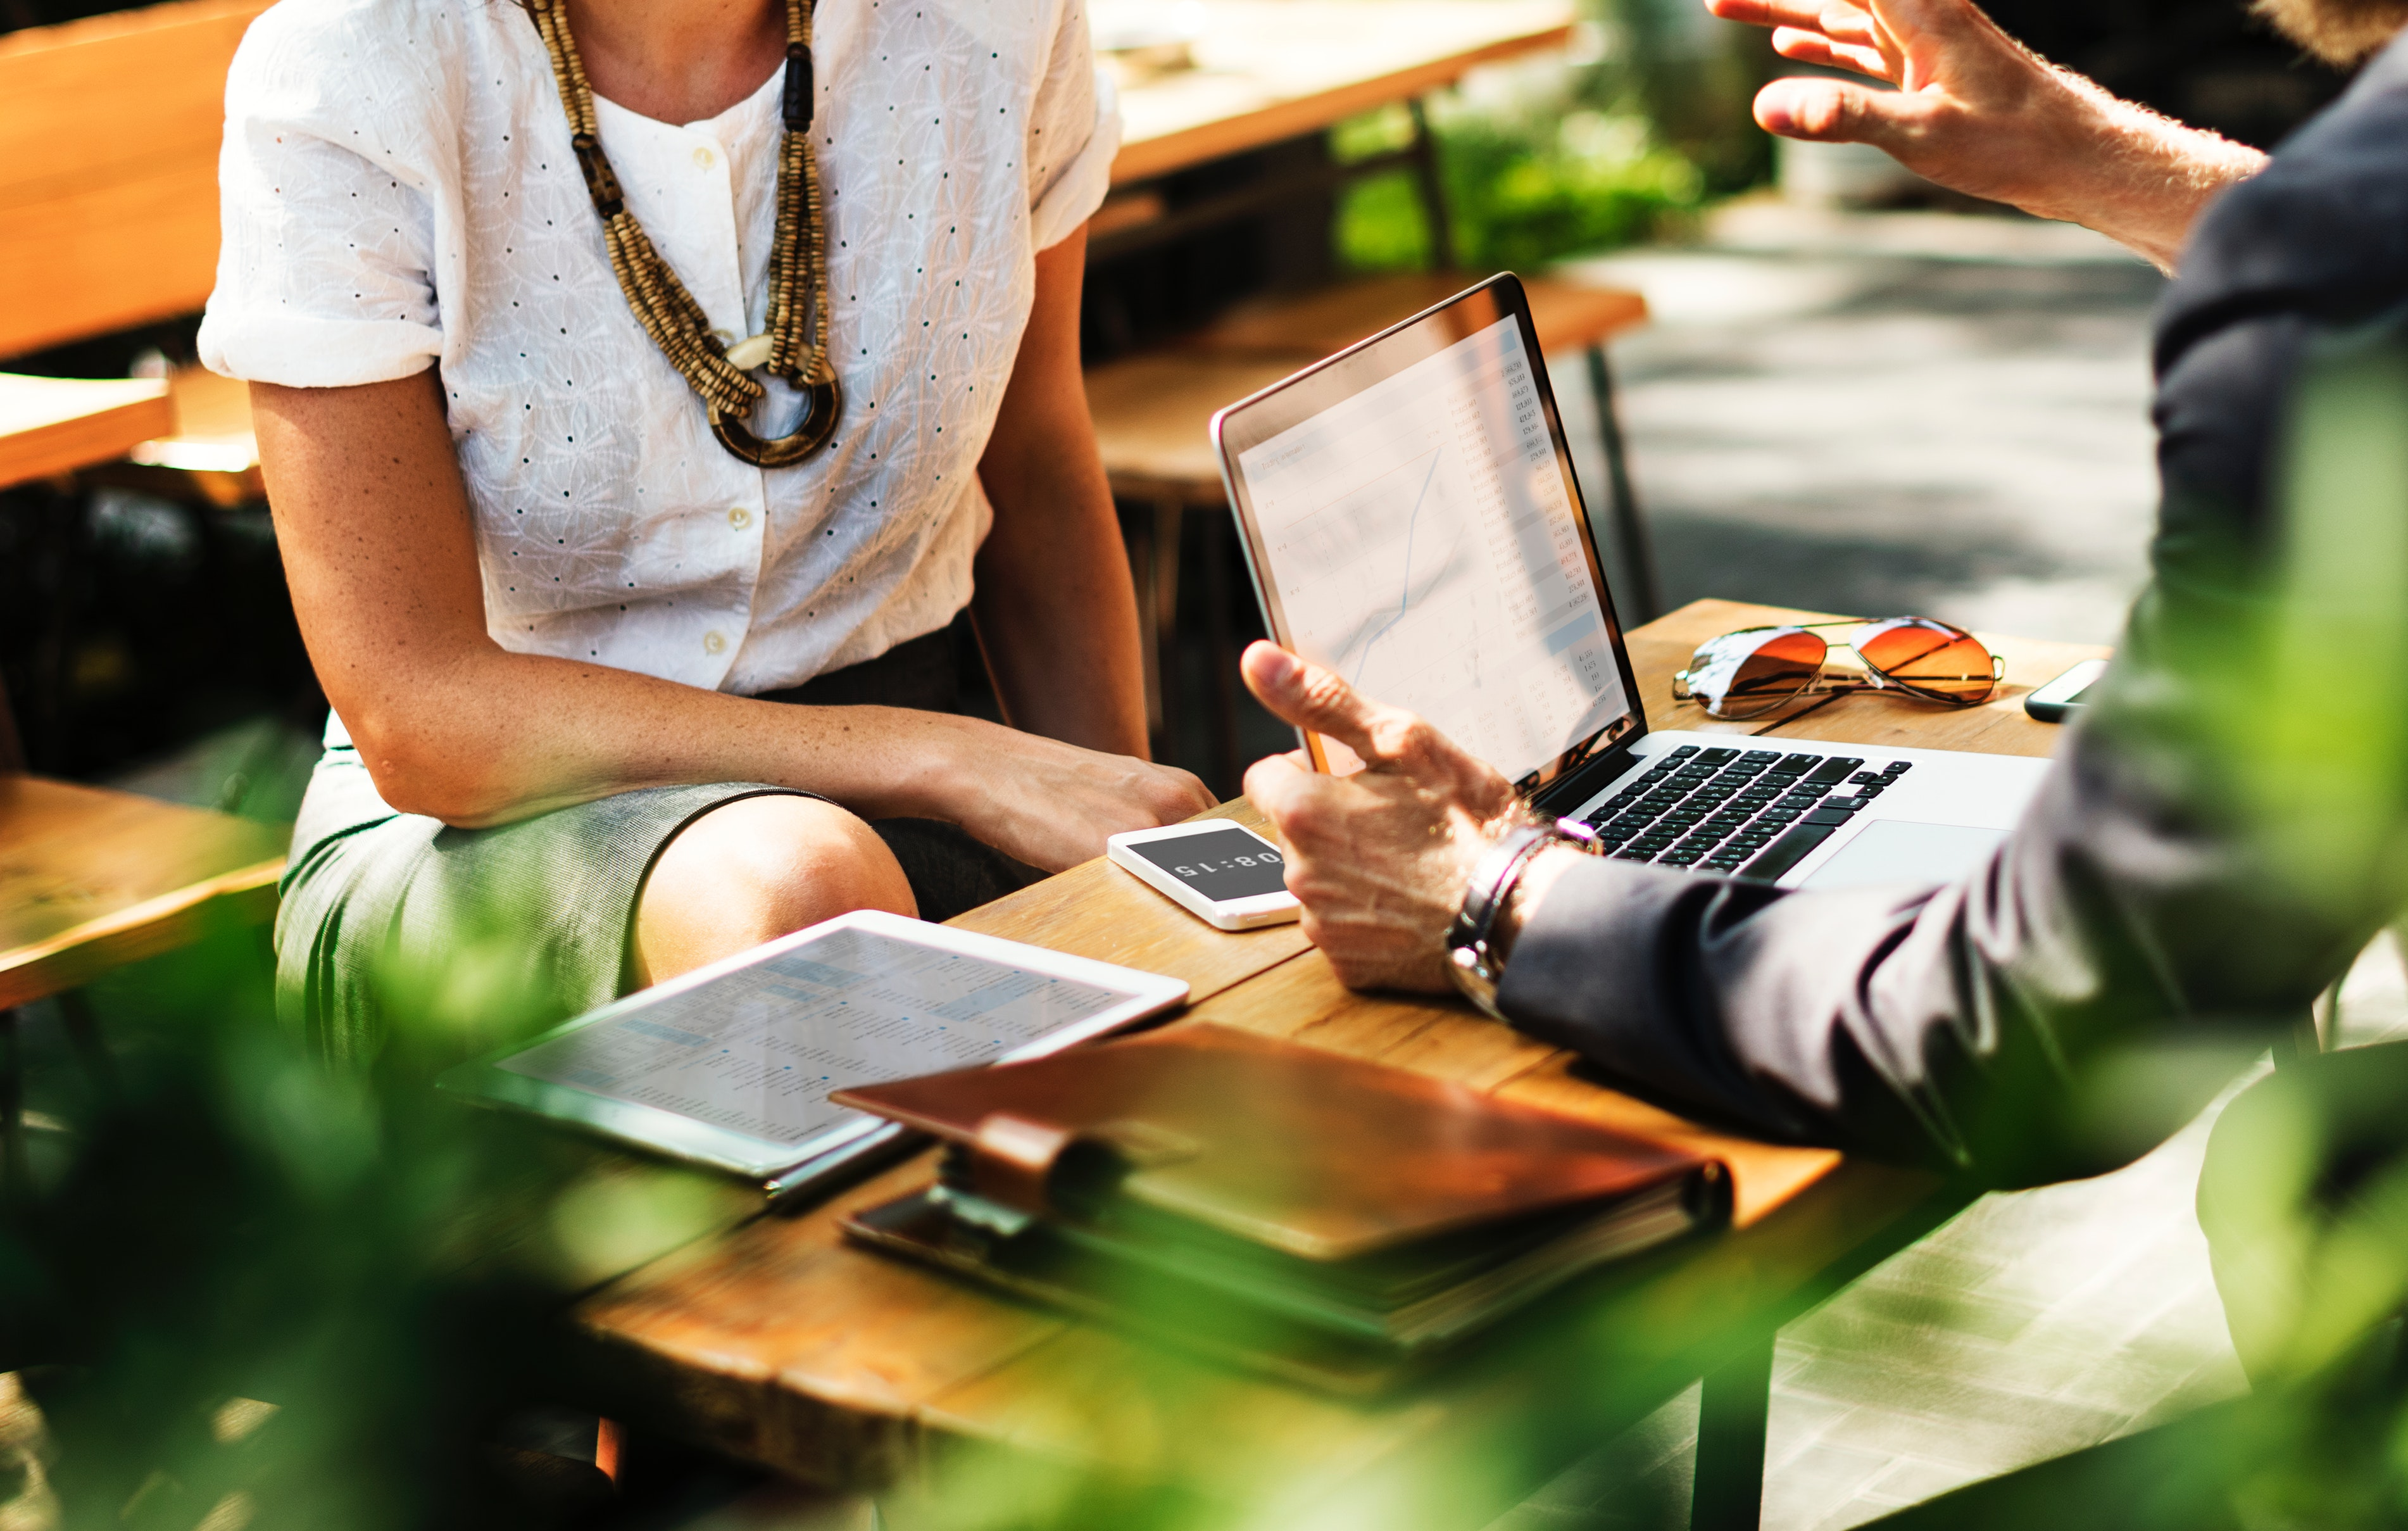 O trabalho temporário é uma tendência do novo mercado de trabalho e uma preferência das novas gerações, à qual as empresas se têm que adaptar.